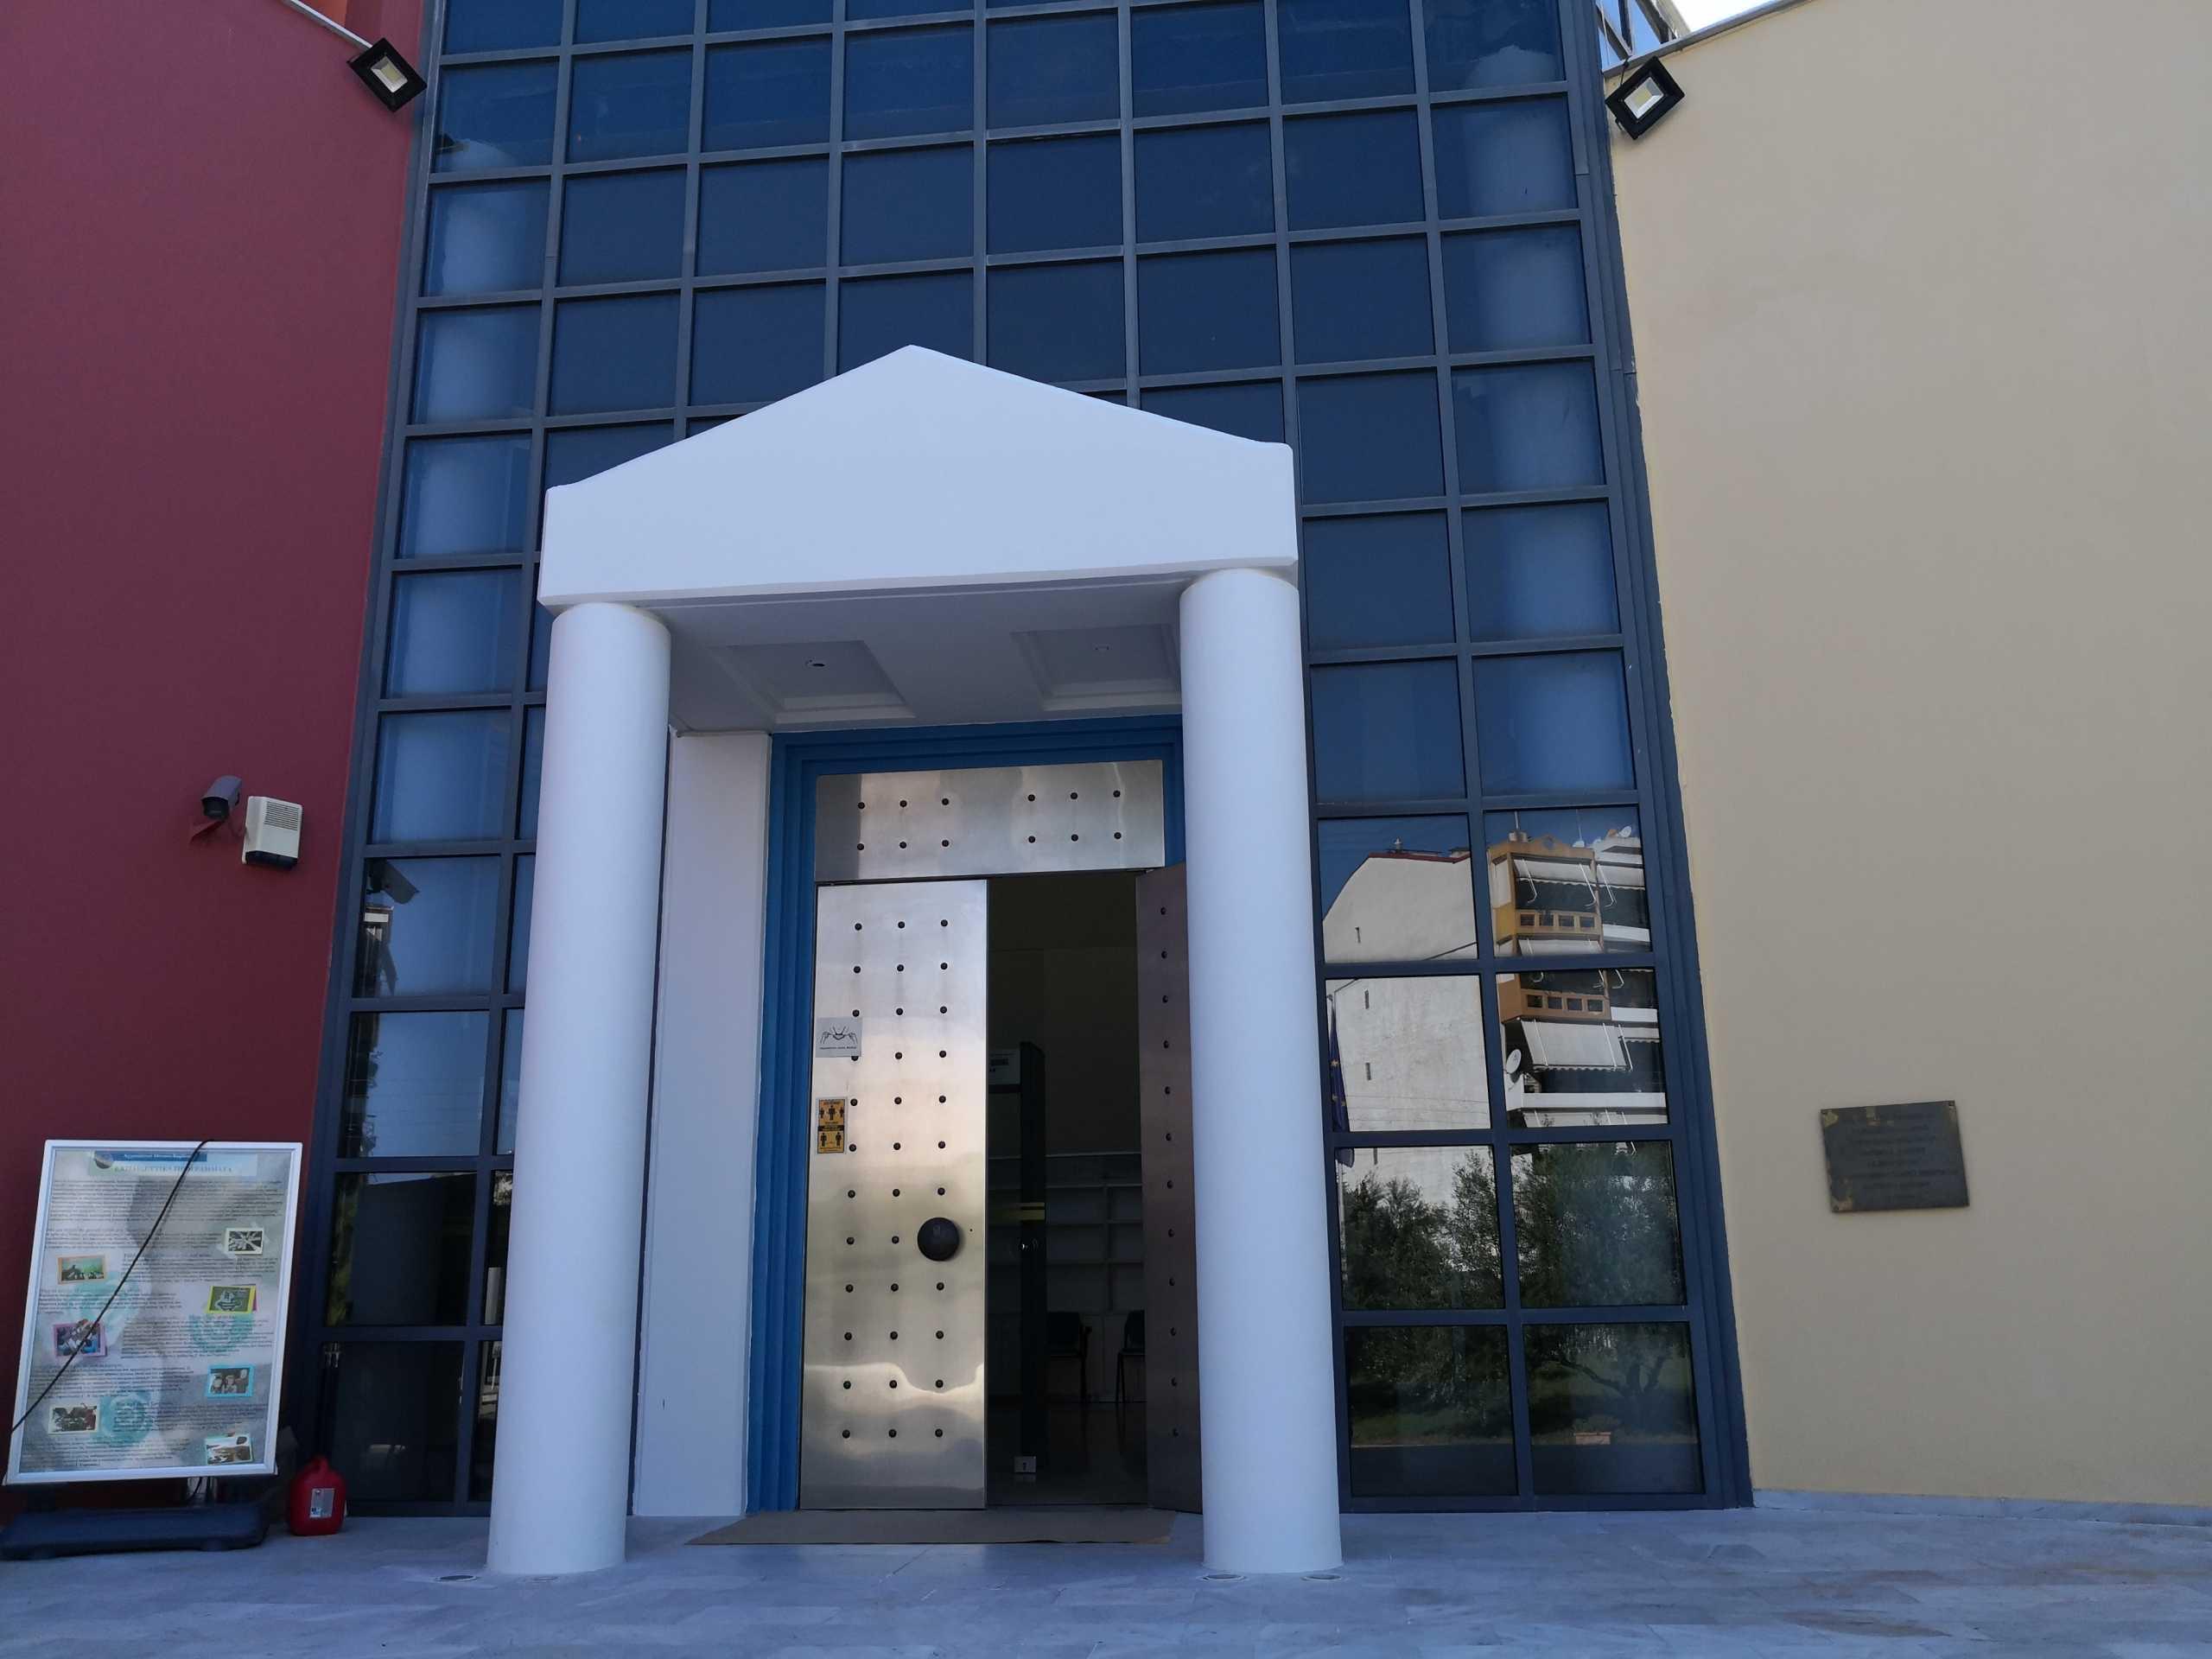 Καρδίτσα: Άνοιξε το αρχαιολογικό μουσείο – Επουλώθηκαν οι «πληγές» της κακοκαιρίας Ιανός